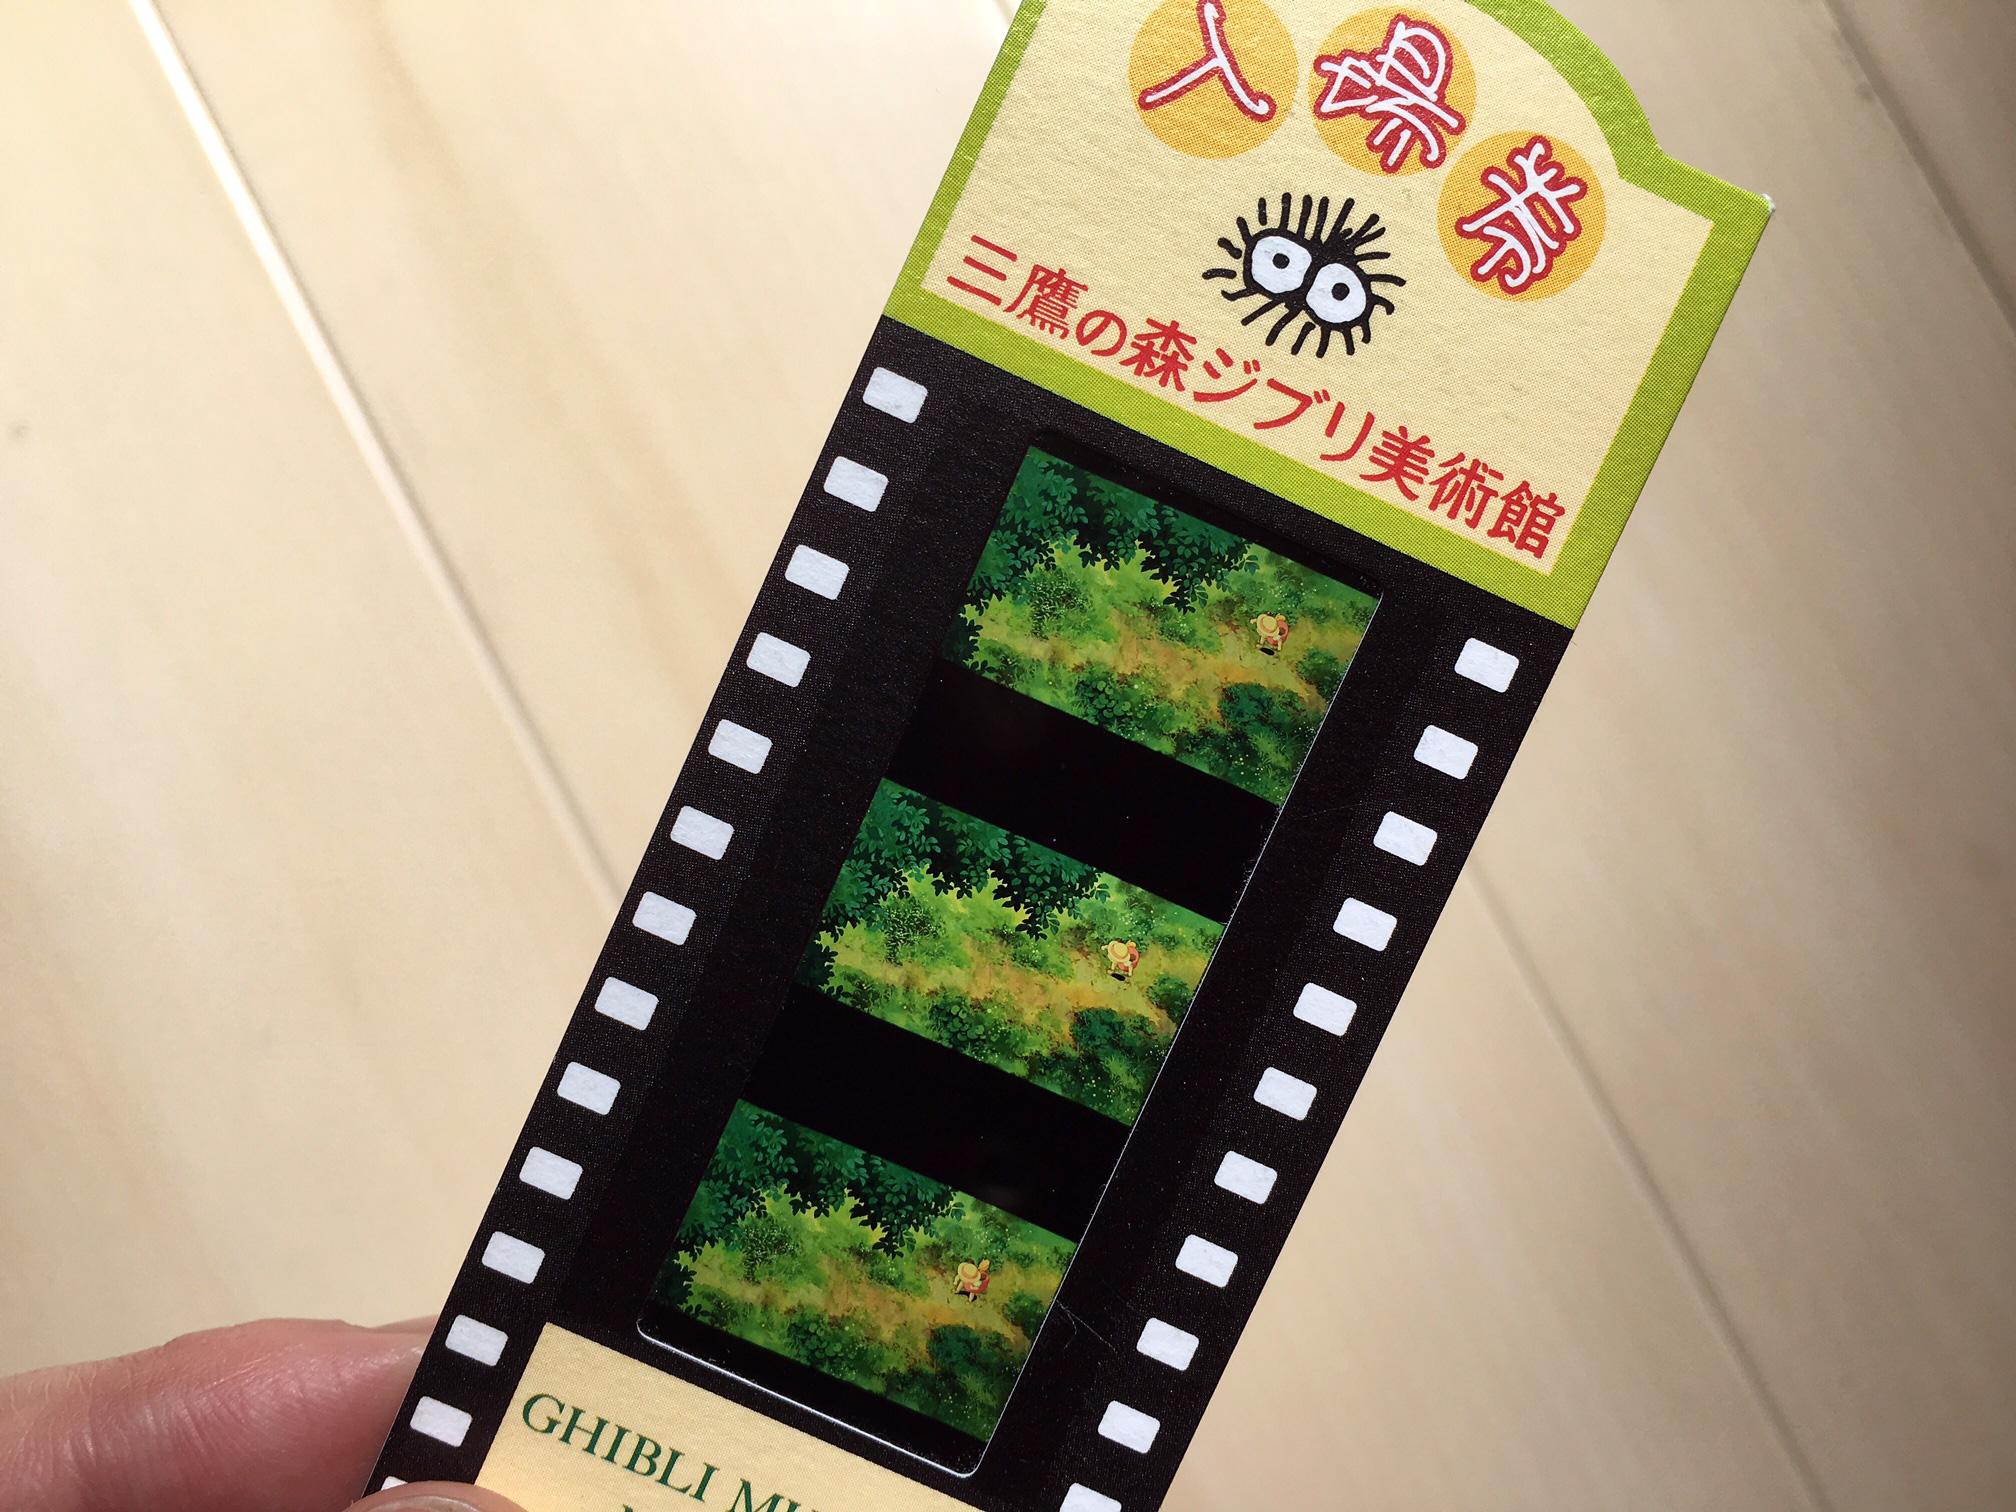 三鷹の森美術館 フィルム入場券